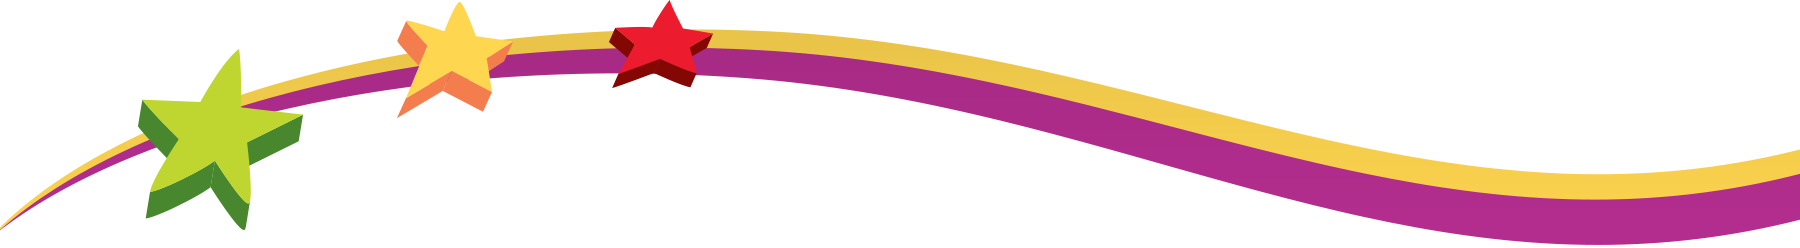 bgbottom-banner